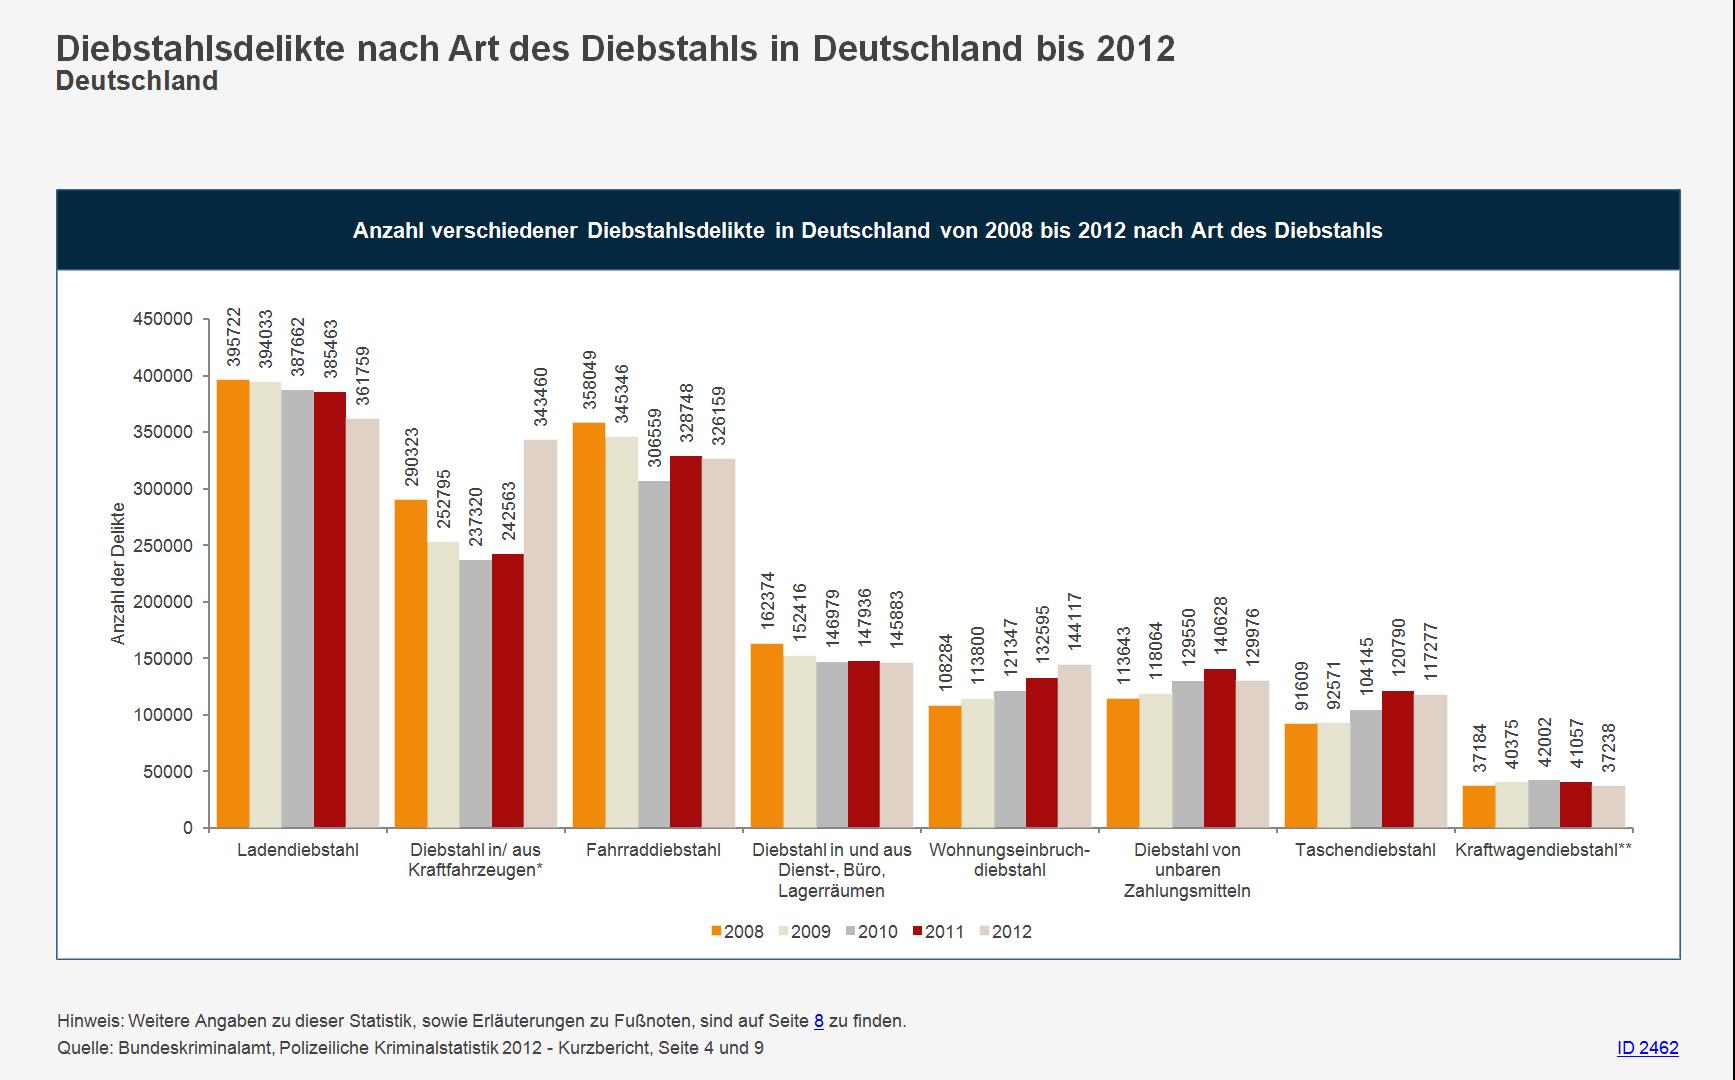 Diebstahlsdelikte in Deutschland  bis 2012